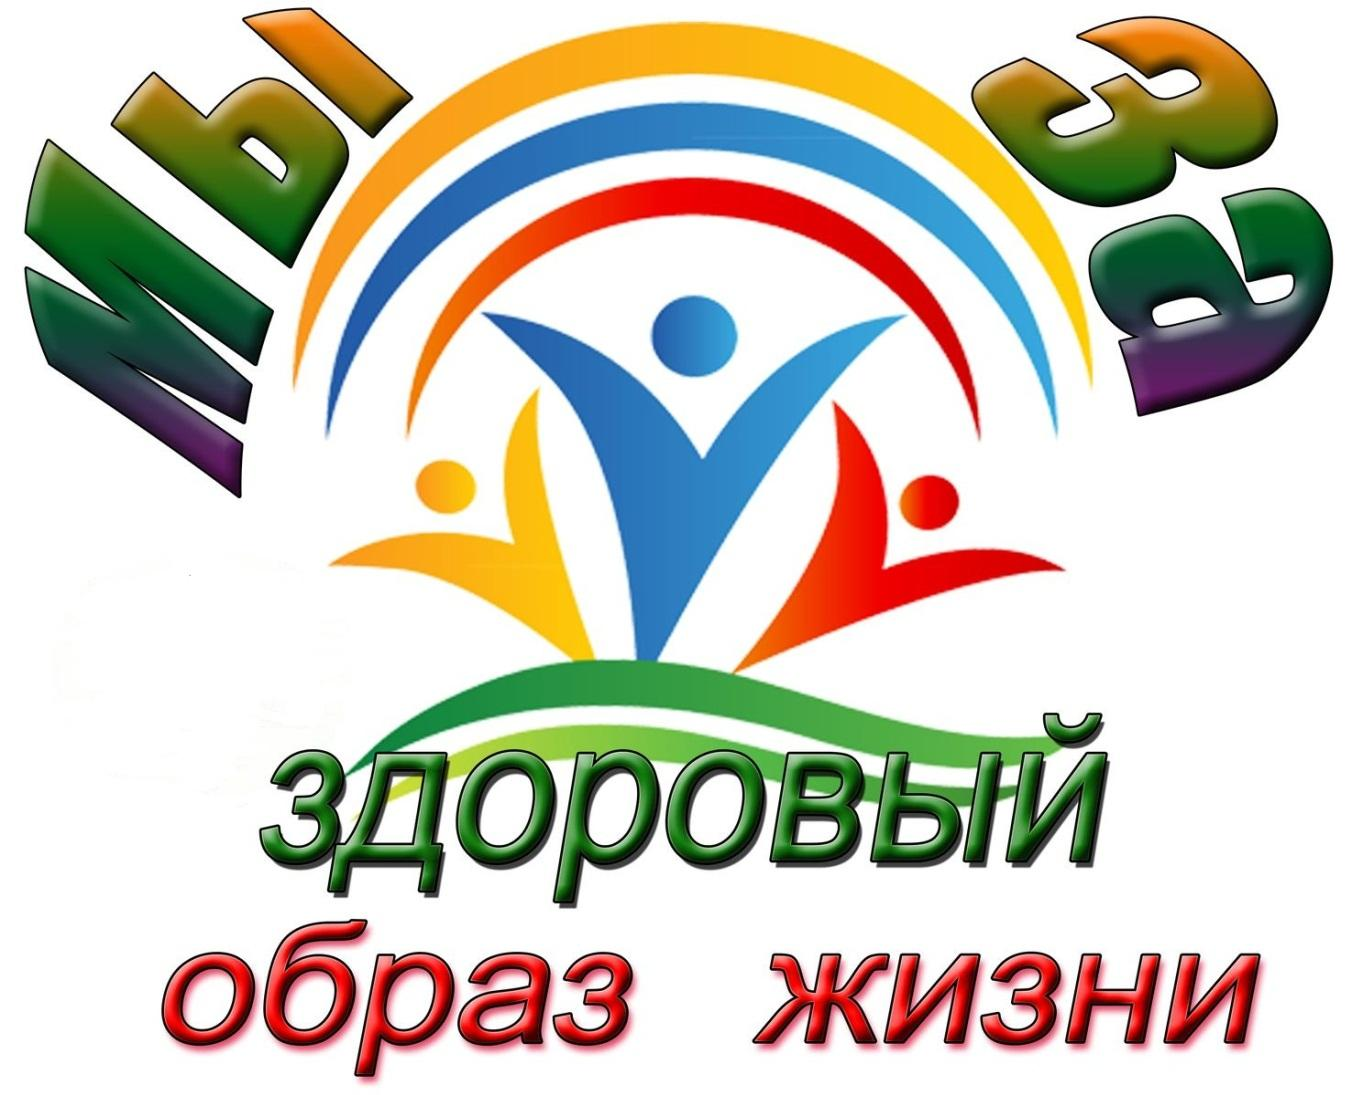 ... для участия в конкурсе по продвижению лучших практик, направленных на  развити норм здорового образа жизни (ЗОЖ) в организациях Российской  Федерации, ... 25f185583f9